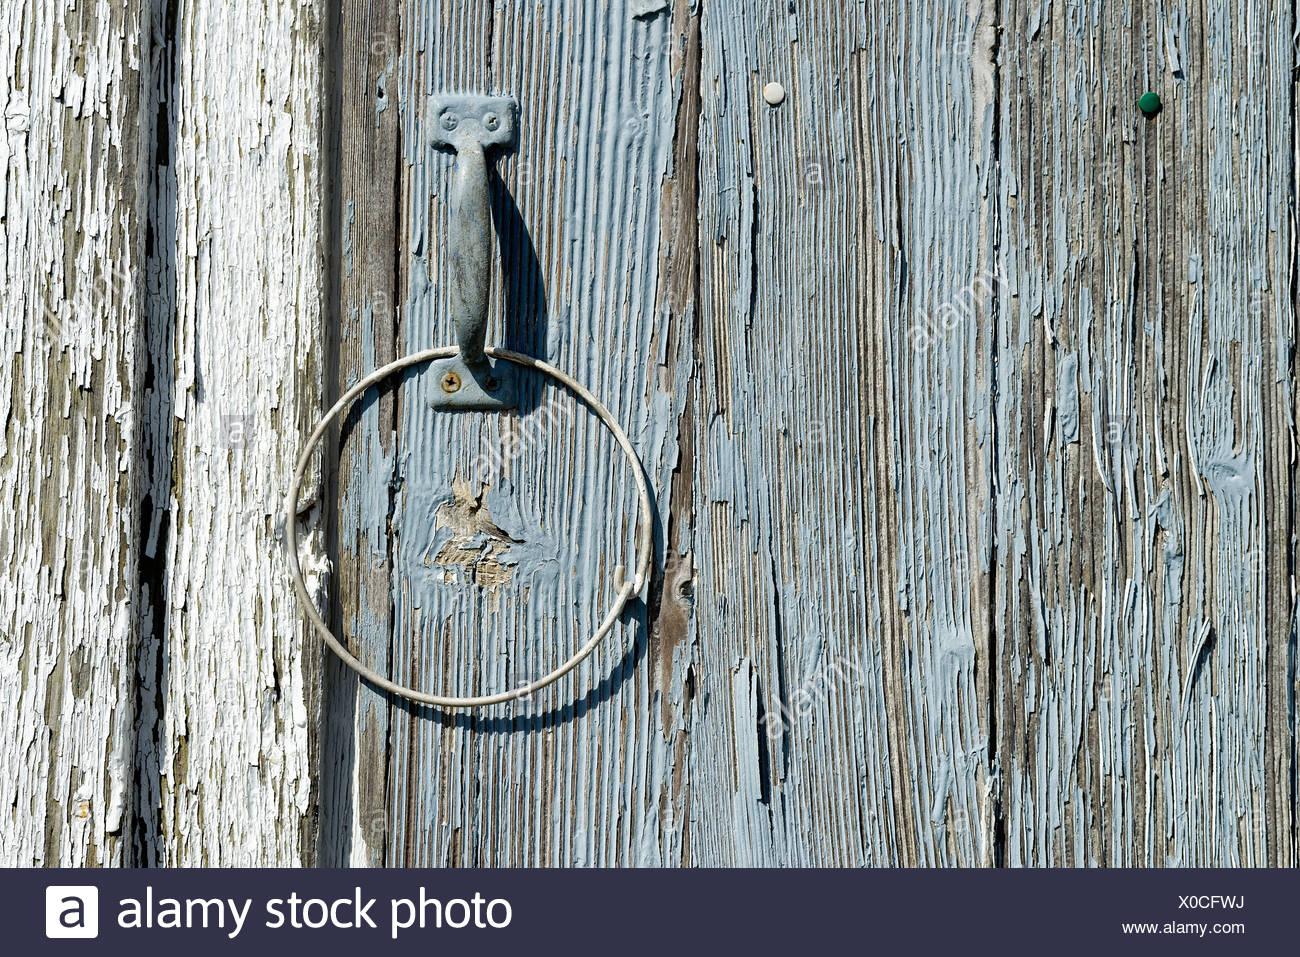 Dettaglio della pelatura di vernice sulla porta di legno. Immagini Stock